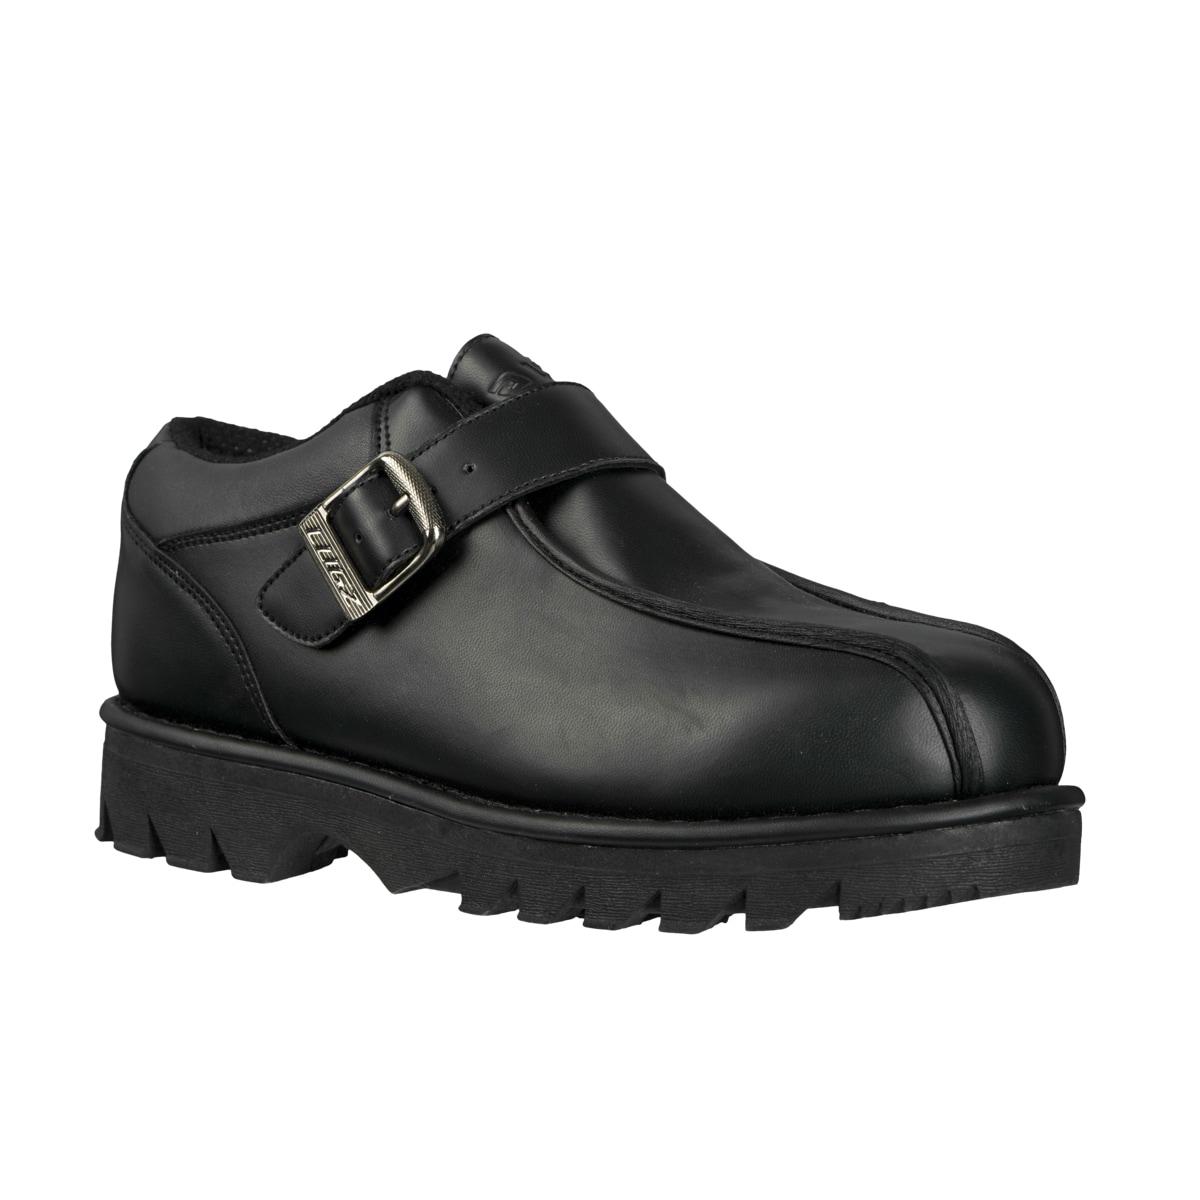 Lugz Men's 'Pathway Lo' Permahide Black Slip-ons